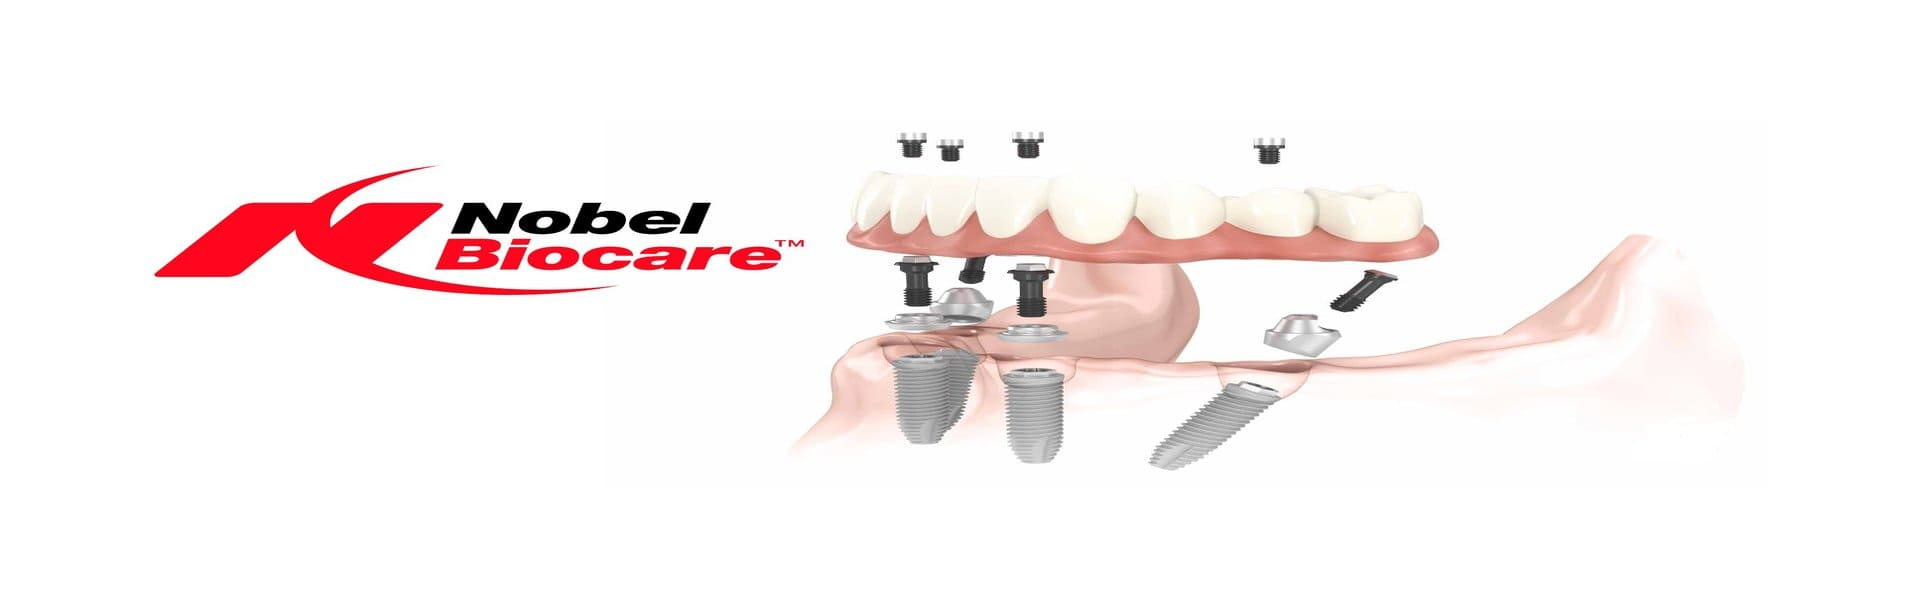 clinica maxilofacial Malaga